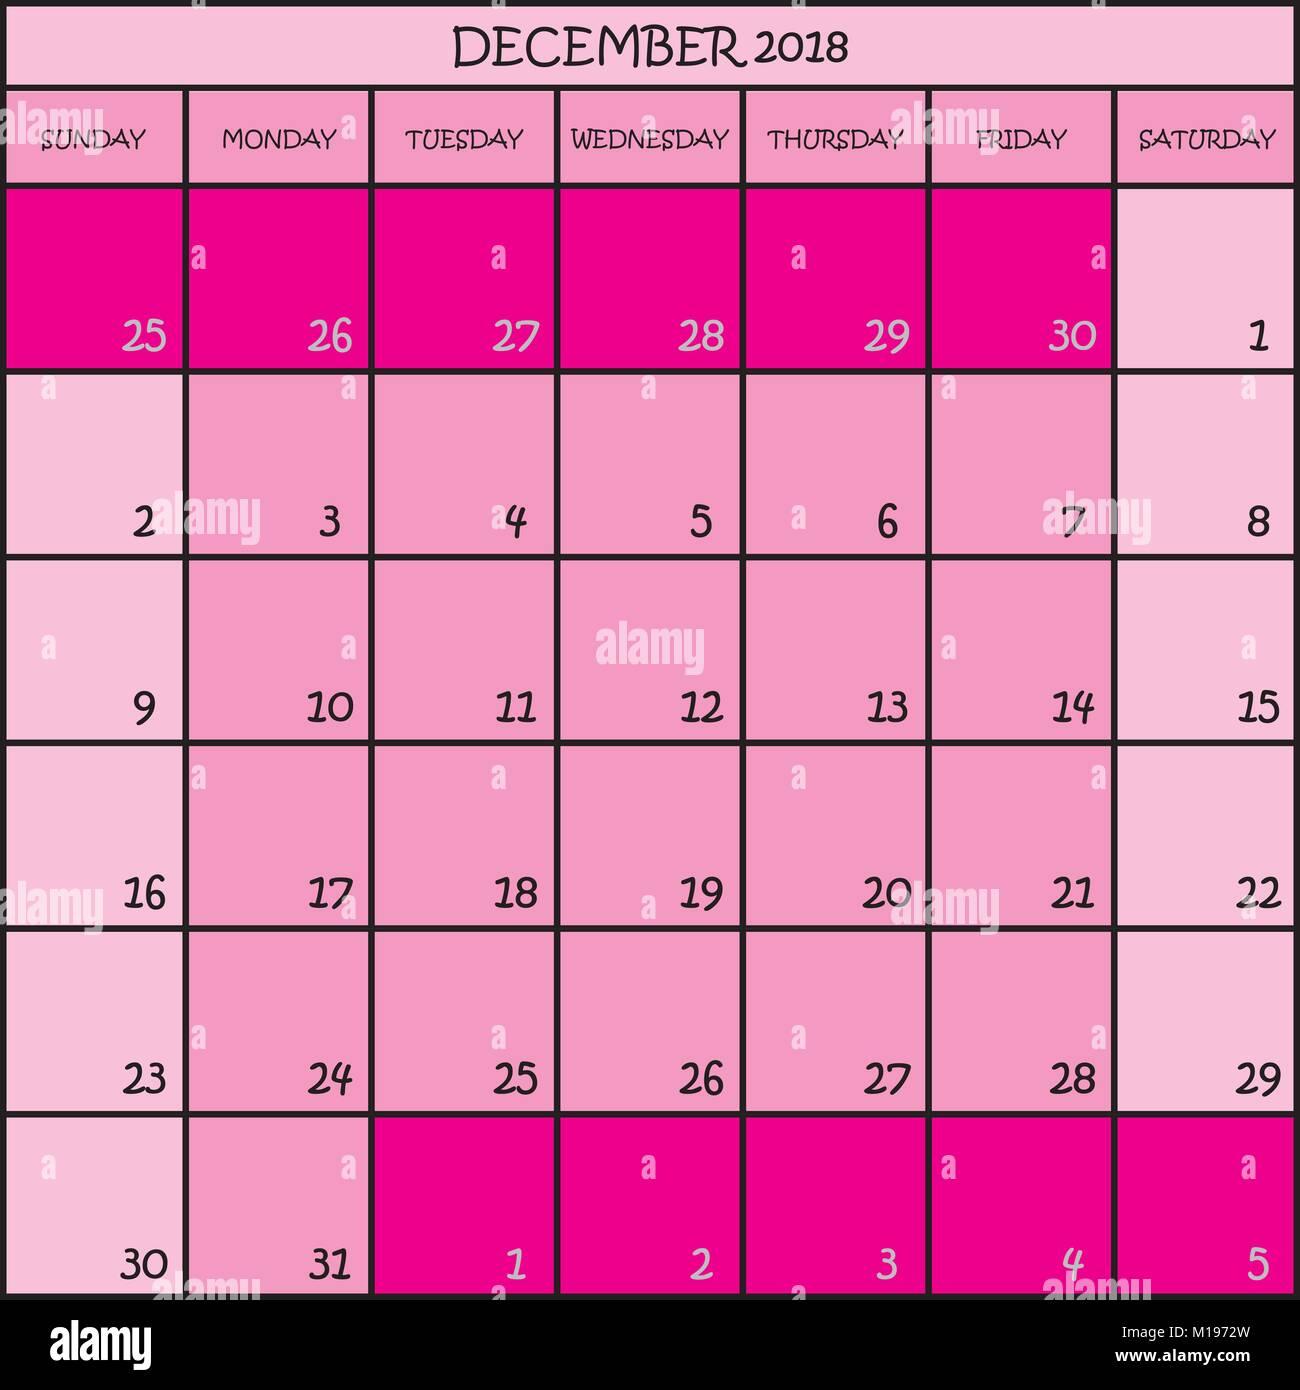 Calendar Planner Month December 2018 On Transparent Background Stock